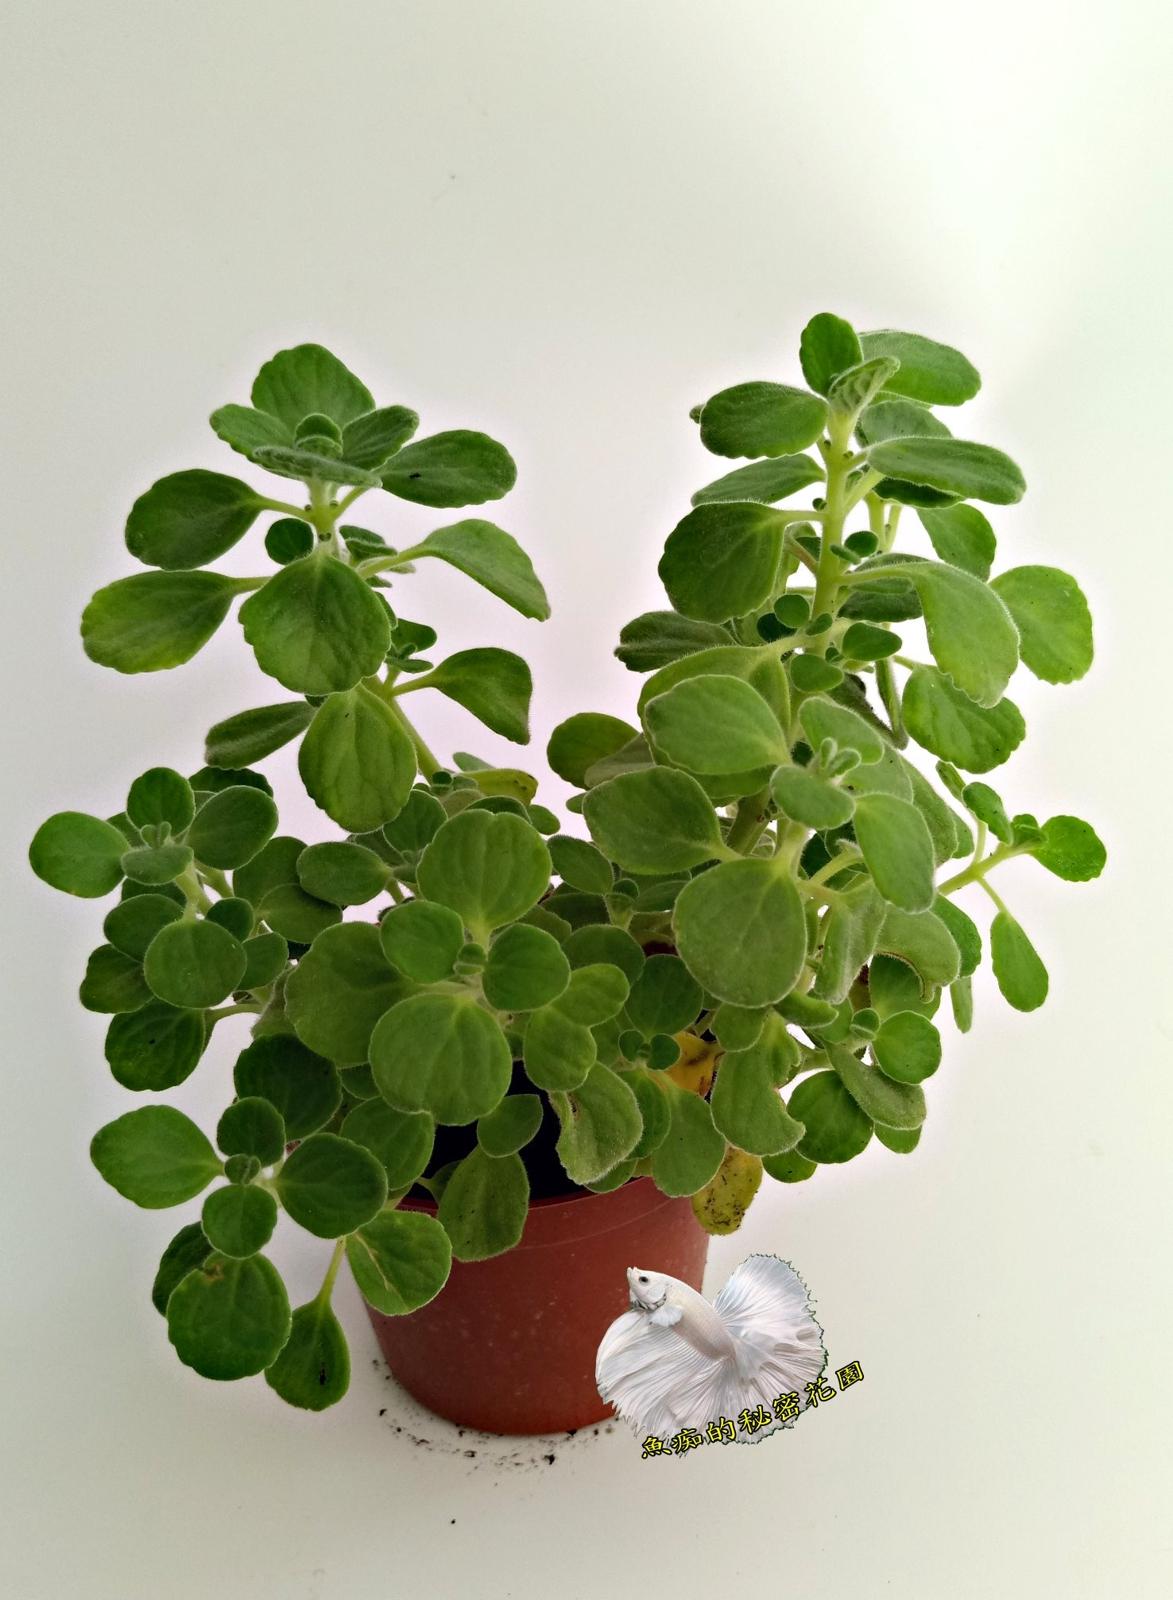 香草植物左手香一抹香倒手香盆栽3吋盆活體盆栽可食用可泡茶可做手工香皂